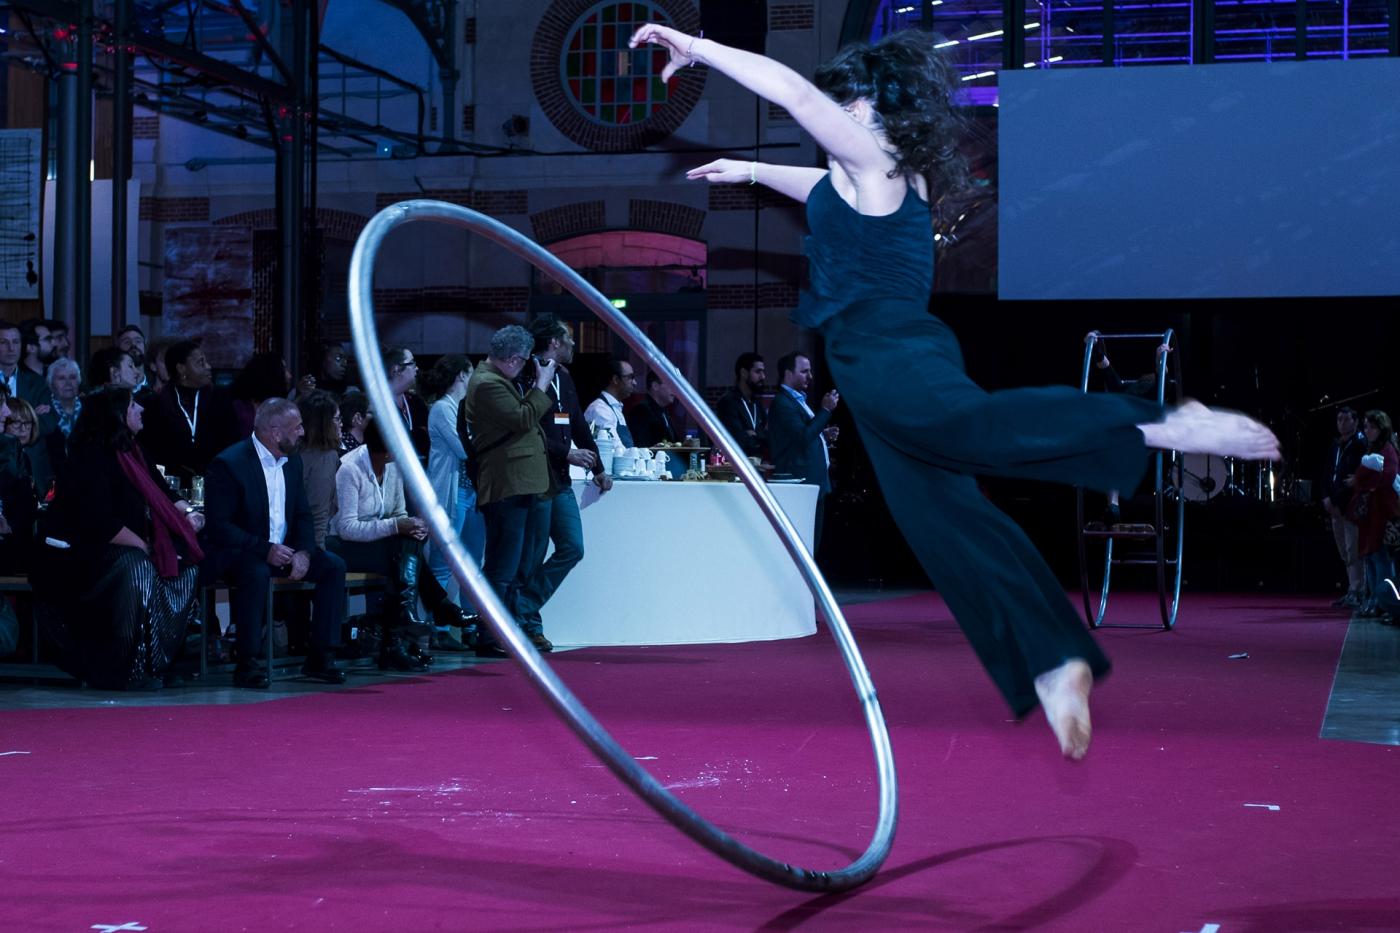 Superbe show de l'École nationale du cirque de Rosny-sous-Bois (ENACR lors de la soirée du centenaire